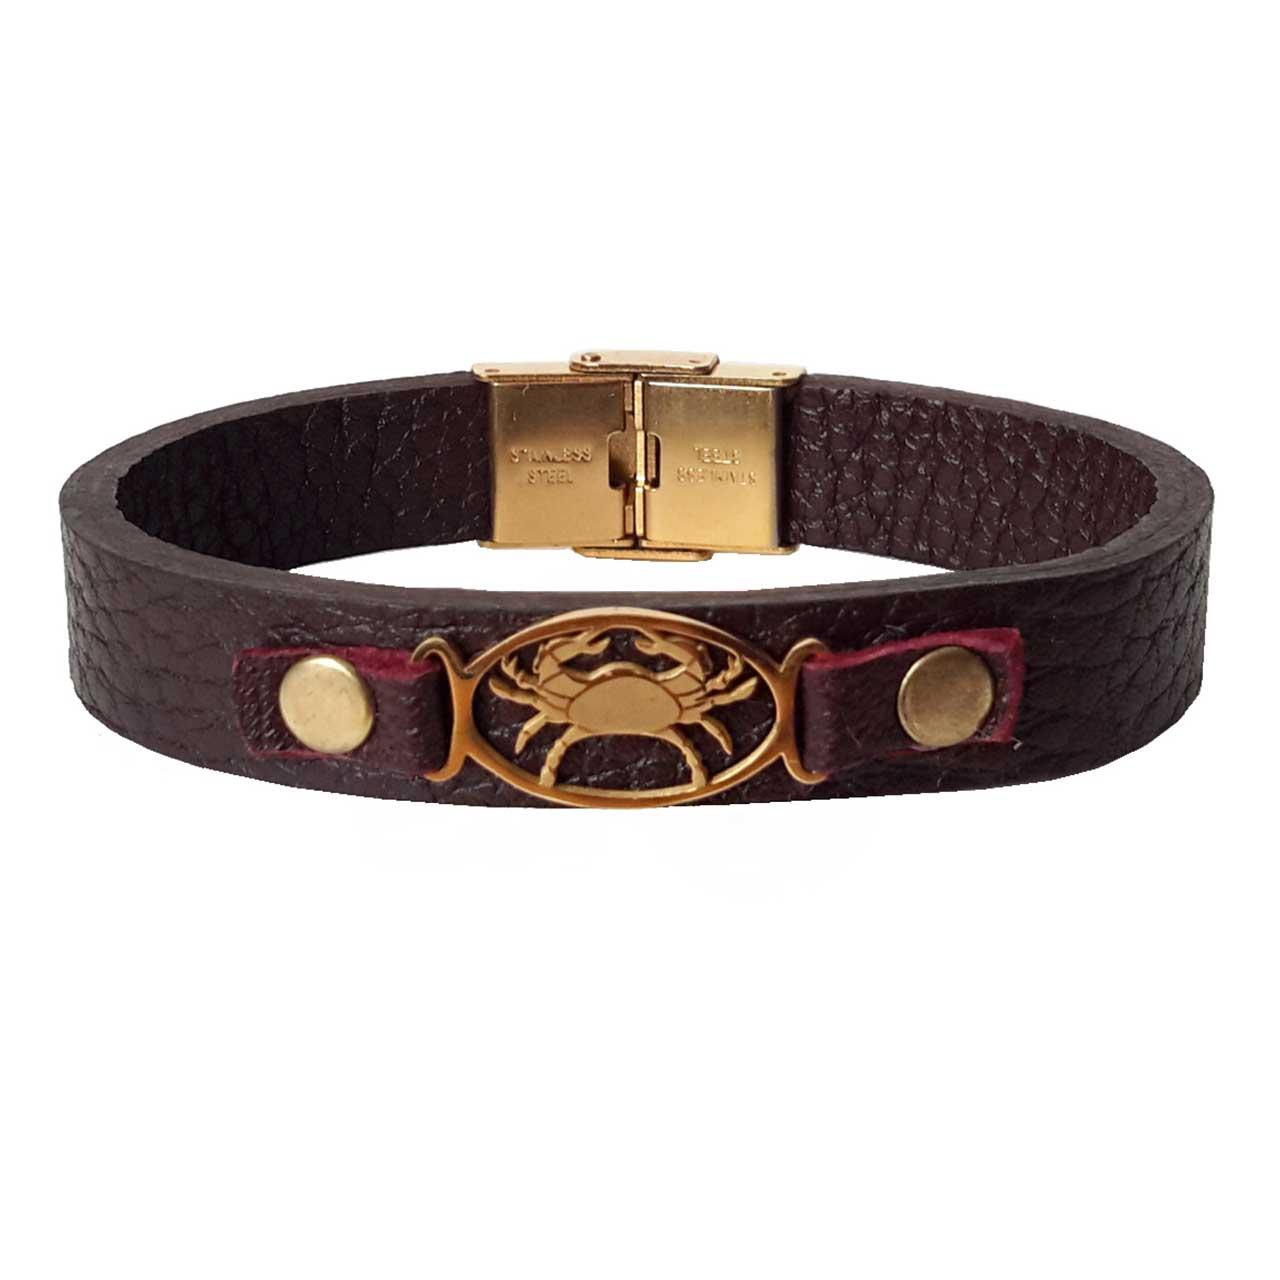 دستبند چرمی مان.ی چرم طرح ماه تولد تیر کد BL-174